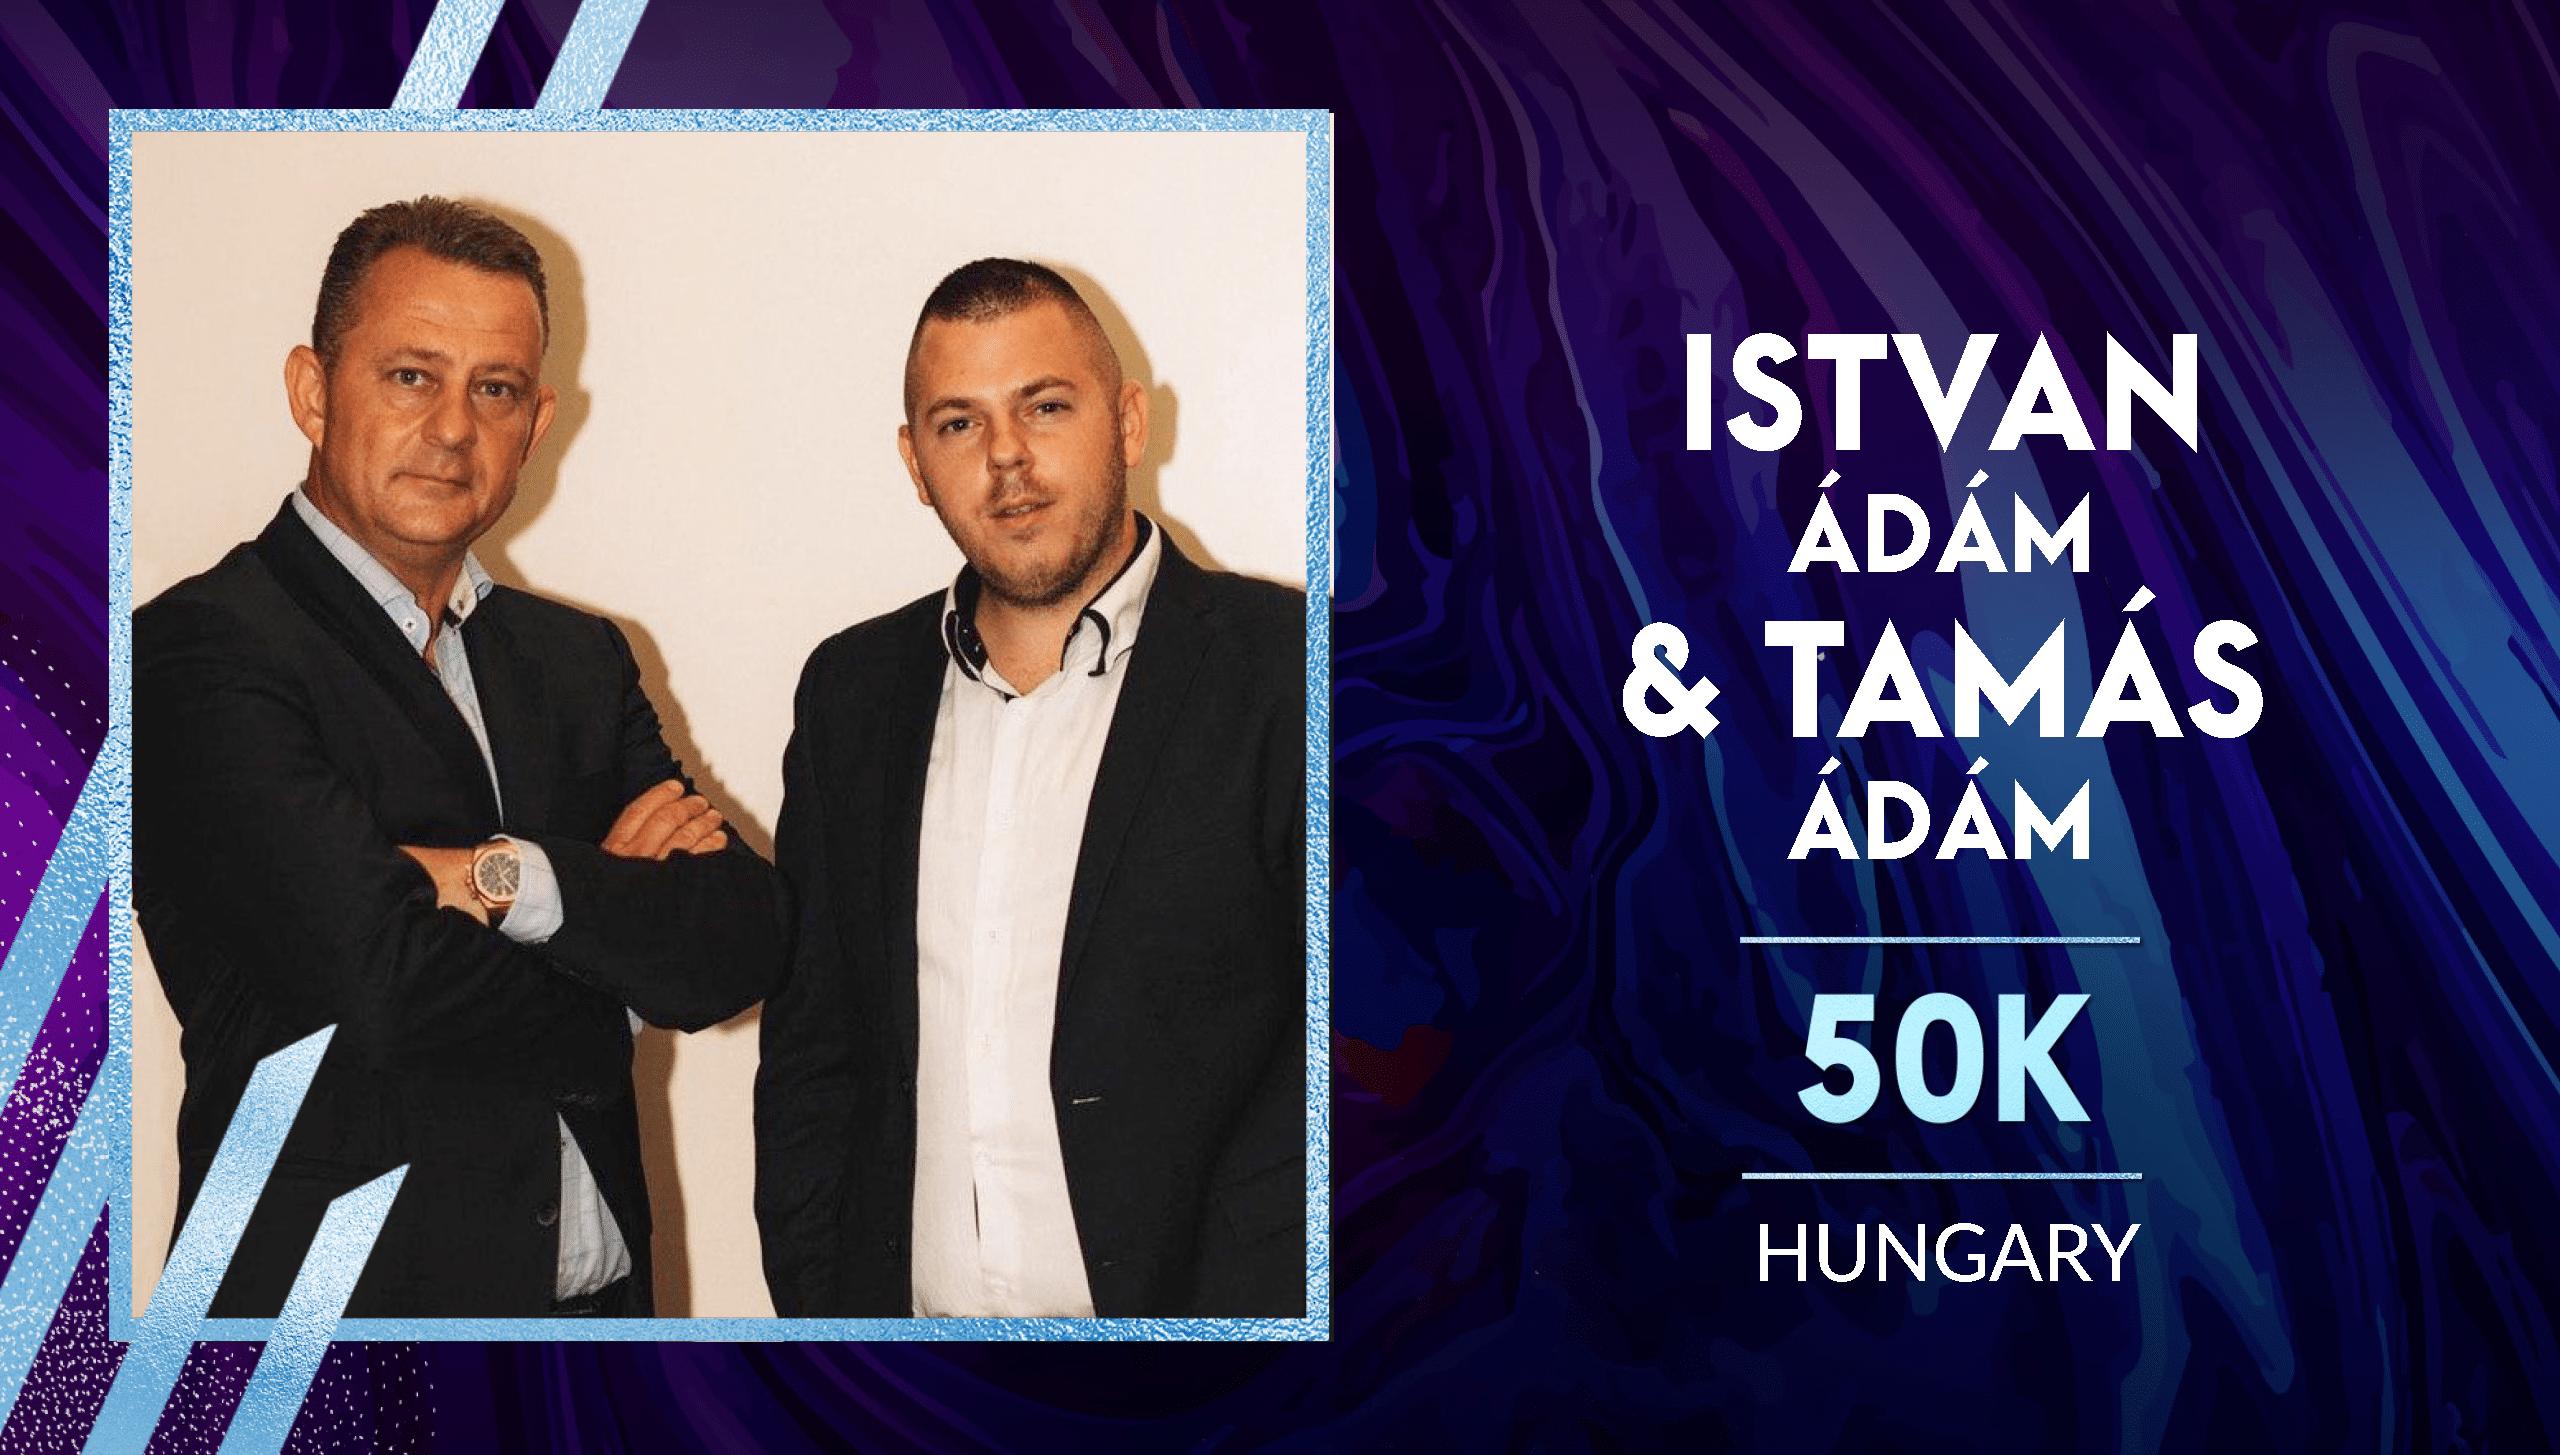 Ádám István és Tamás - 50K